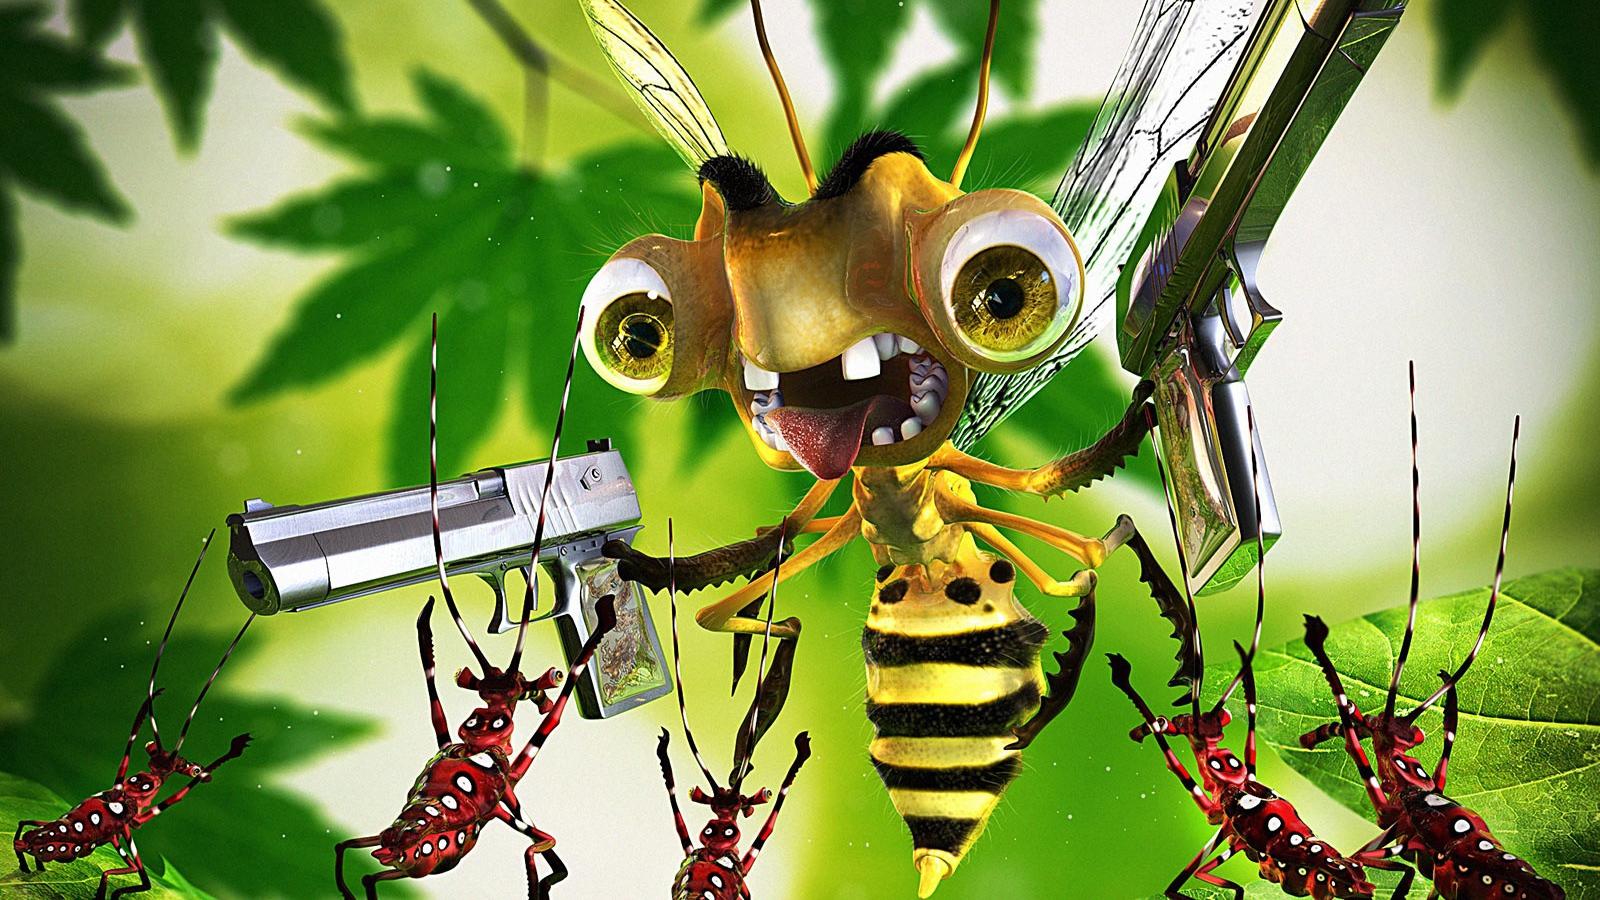 Картинки с пчелами смешные, открытки днем